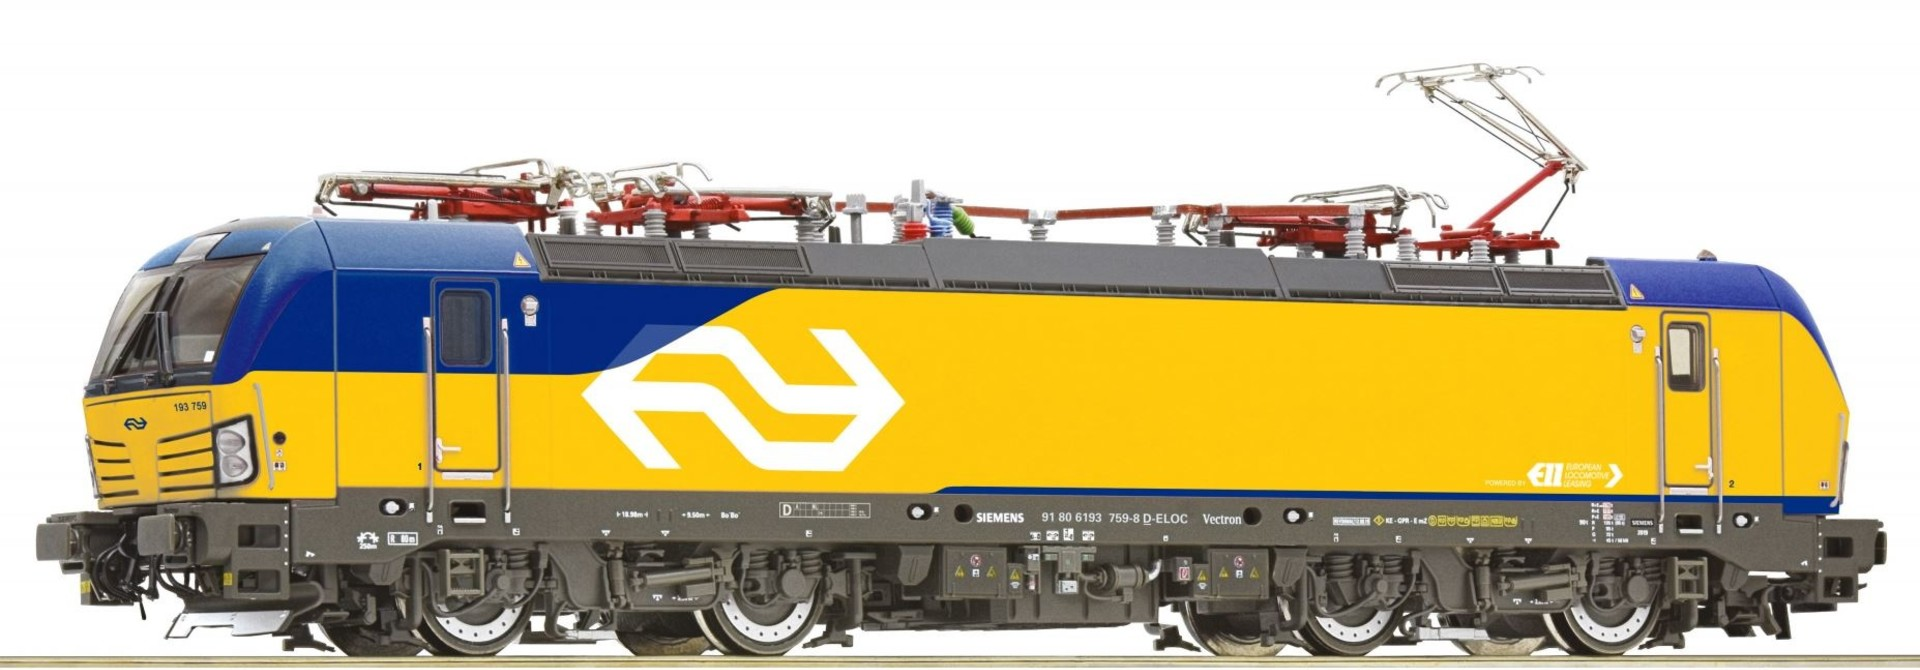 739352 Elektrische locomotief BR193 Vectron van de NS DCC sound